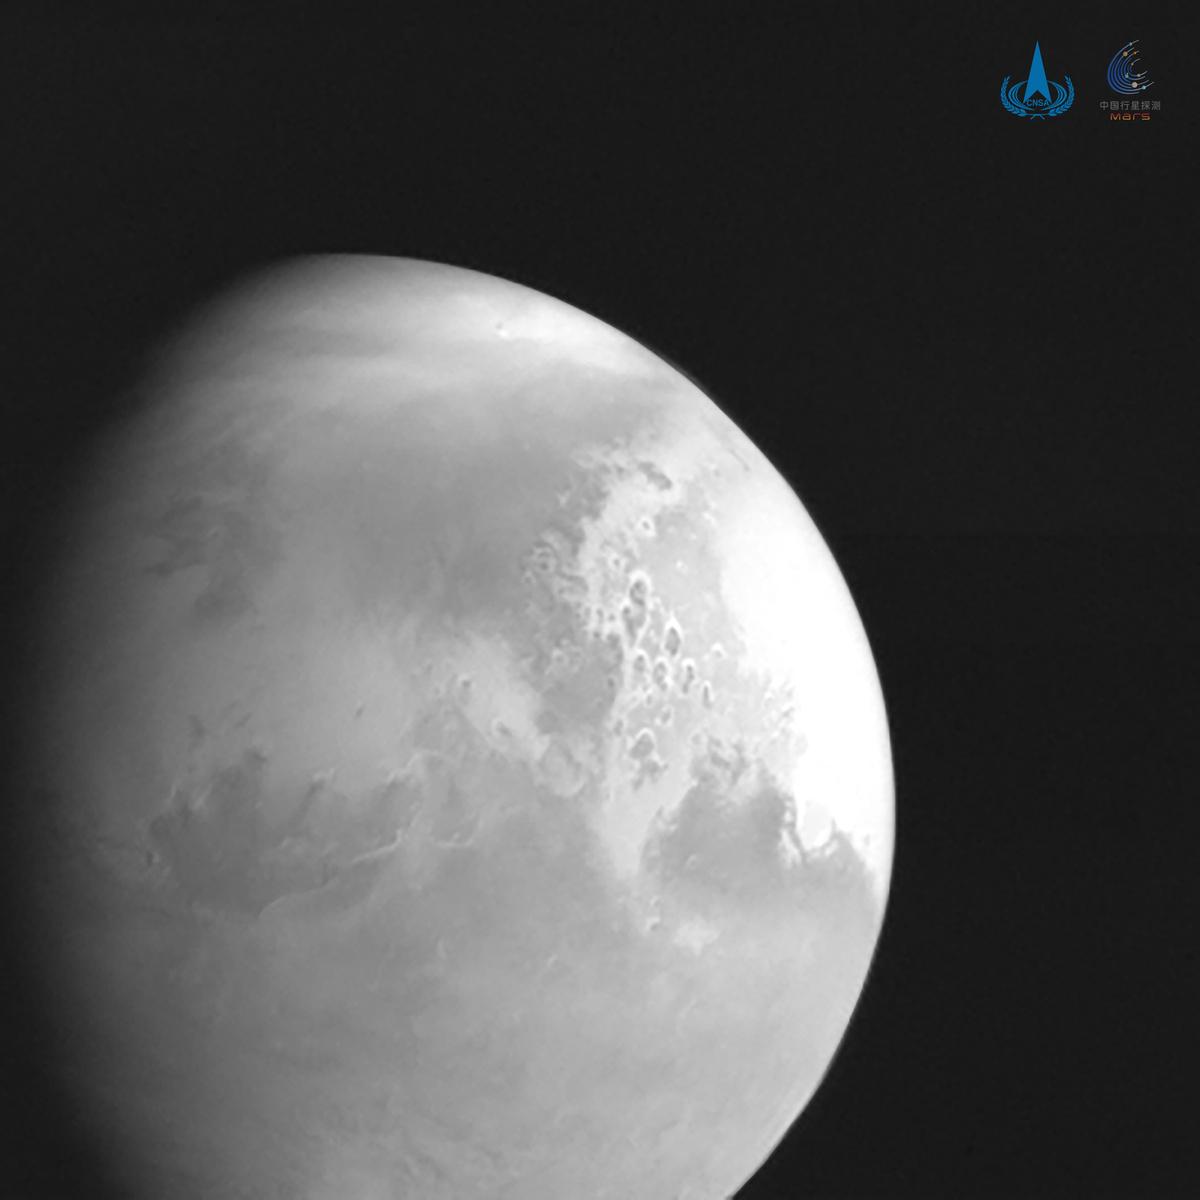 天问一号完成第四次轨道中途修正 传回首幅火星图像